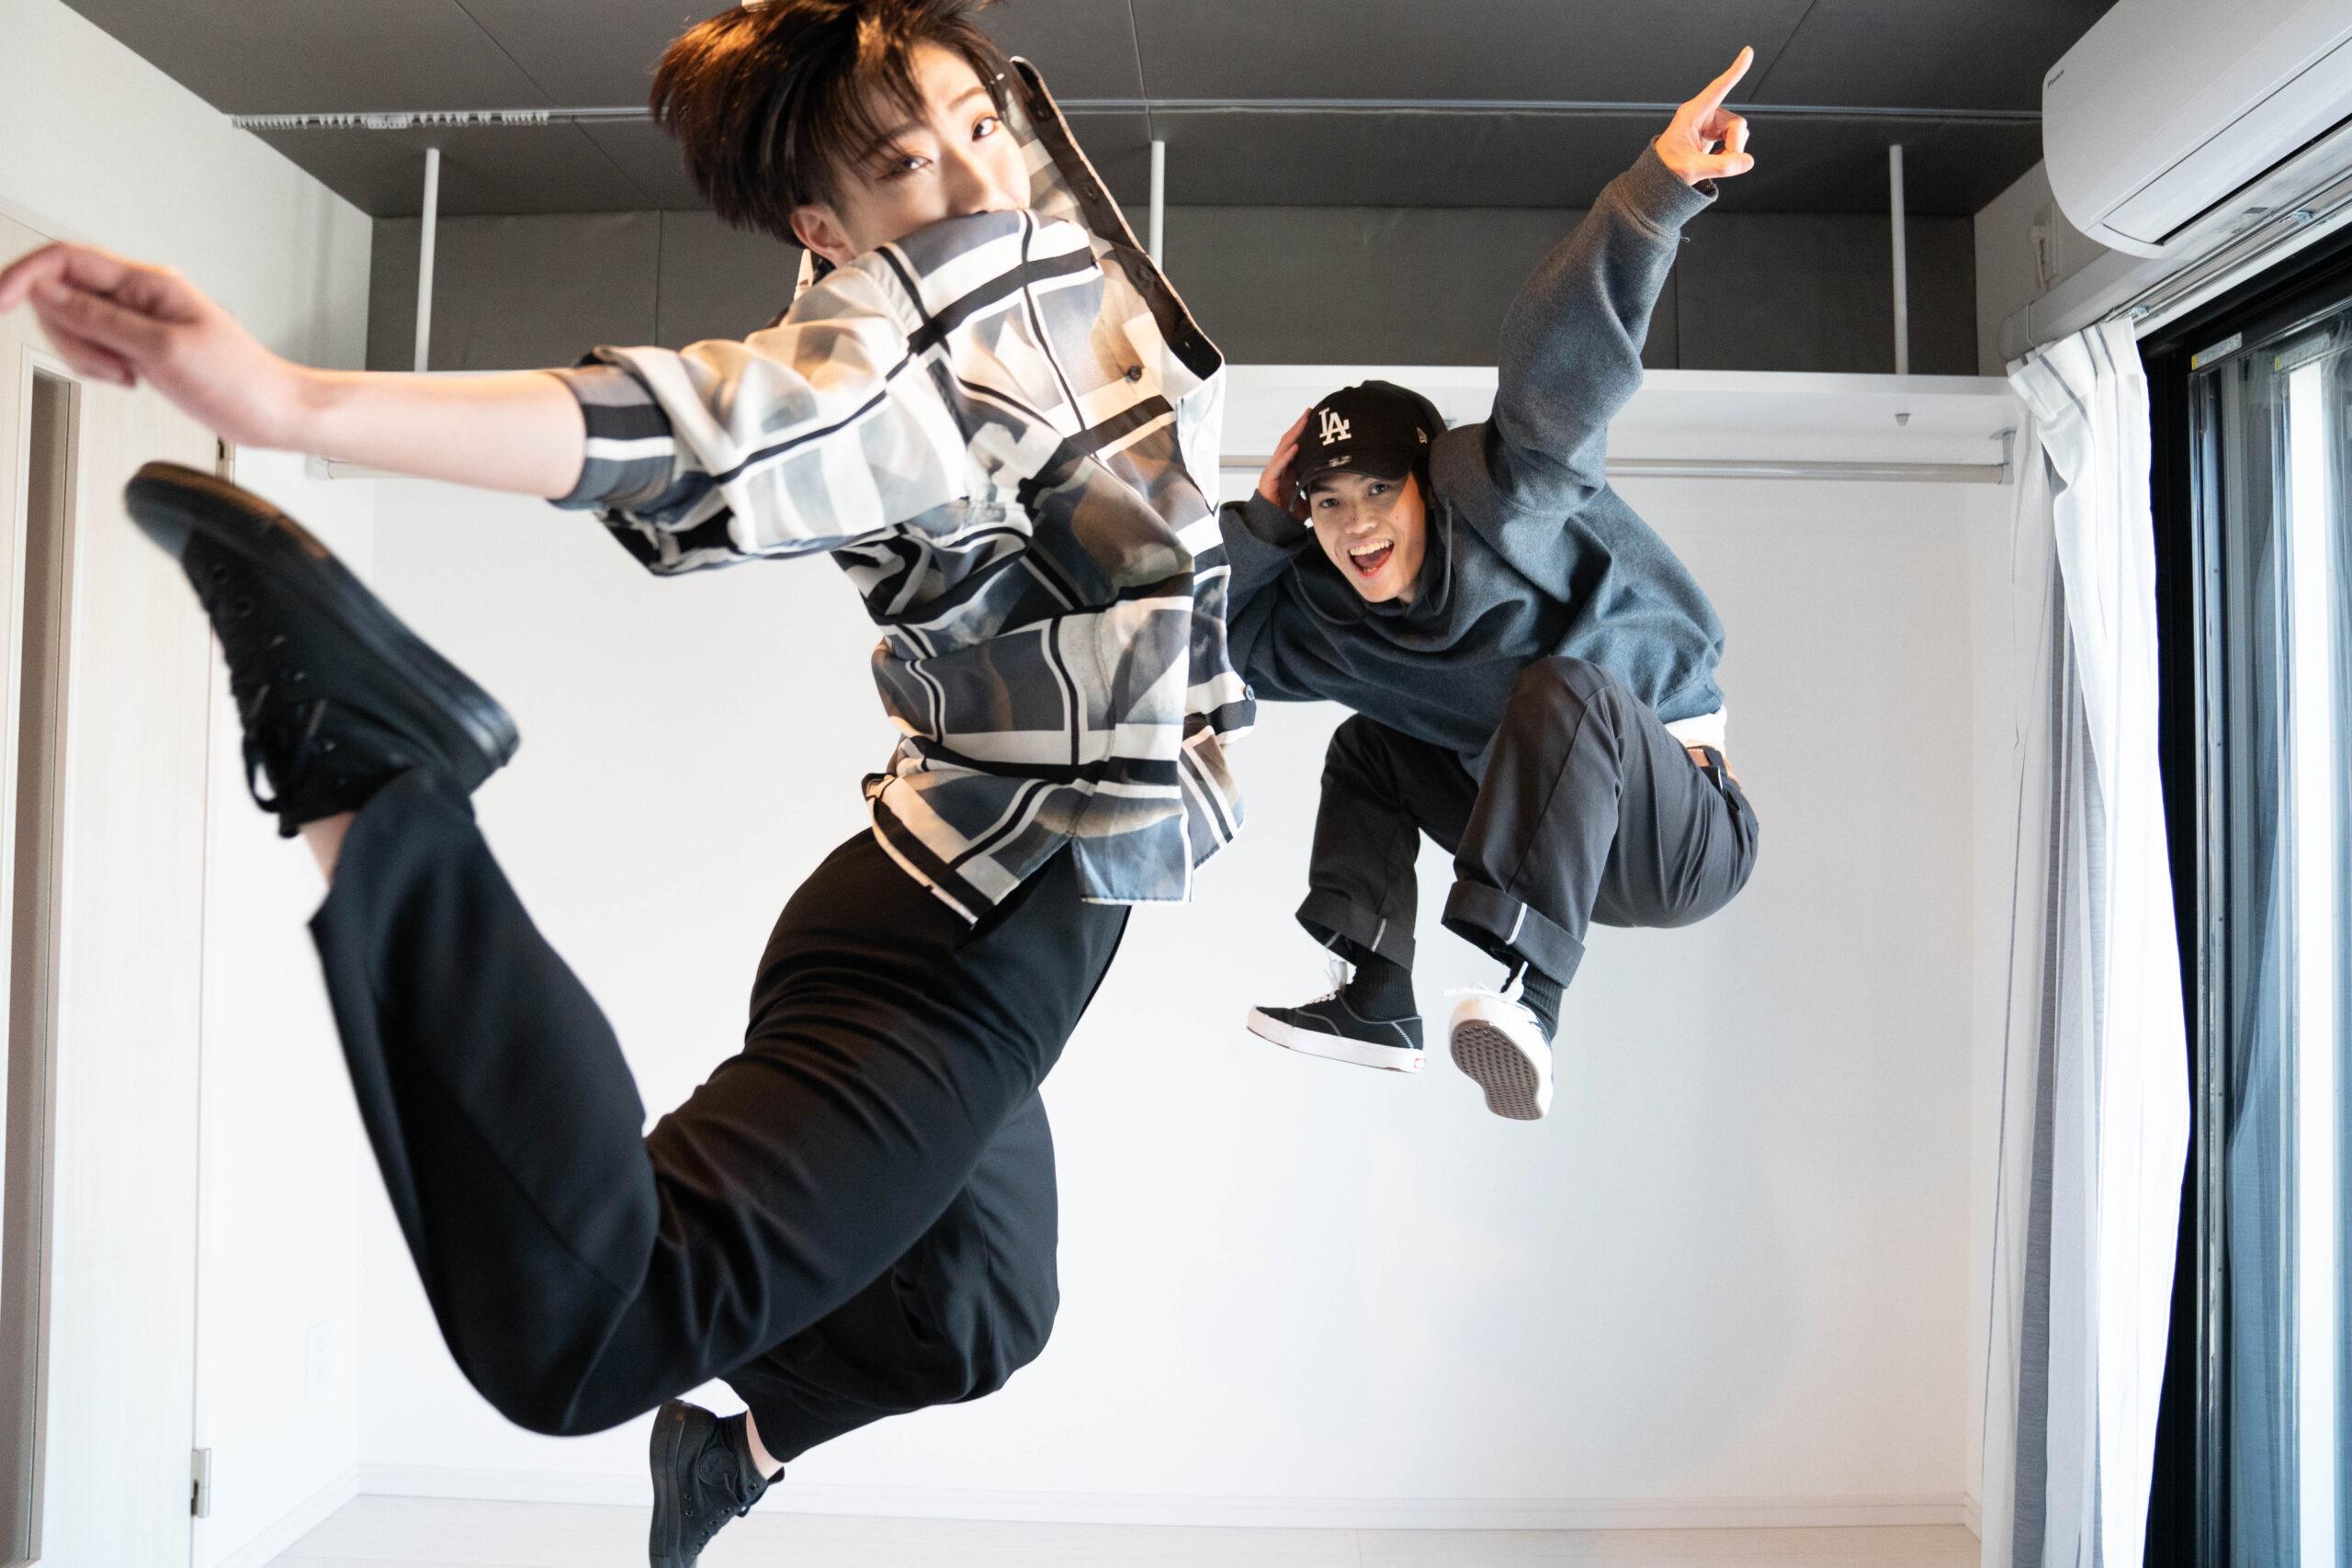 ダンサーYuna. & MITSUYOSHI「爆音のミュージックを流しながら思いっきりいつでも踊れるサウンドプルーフプロ自由が丘は最高」